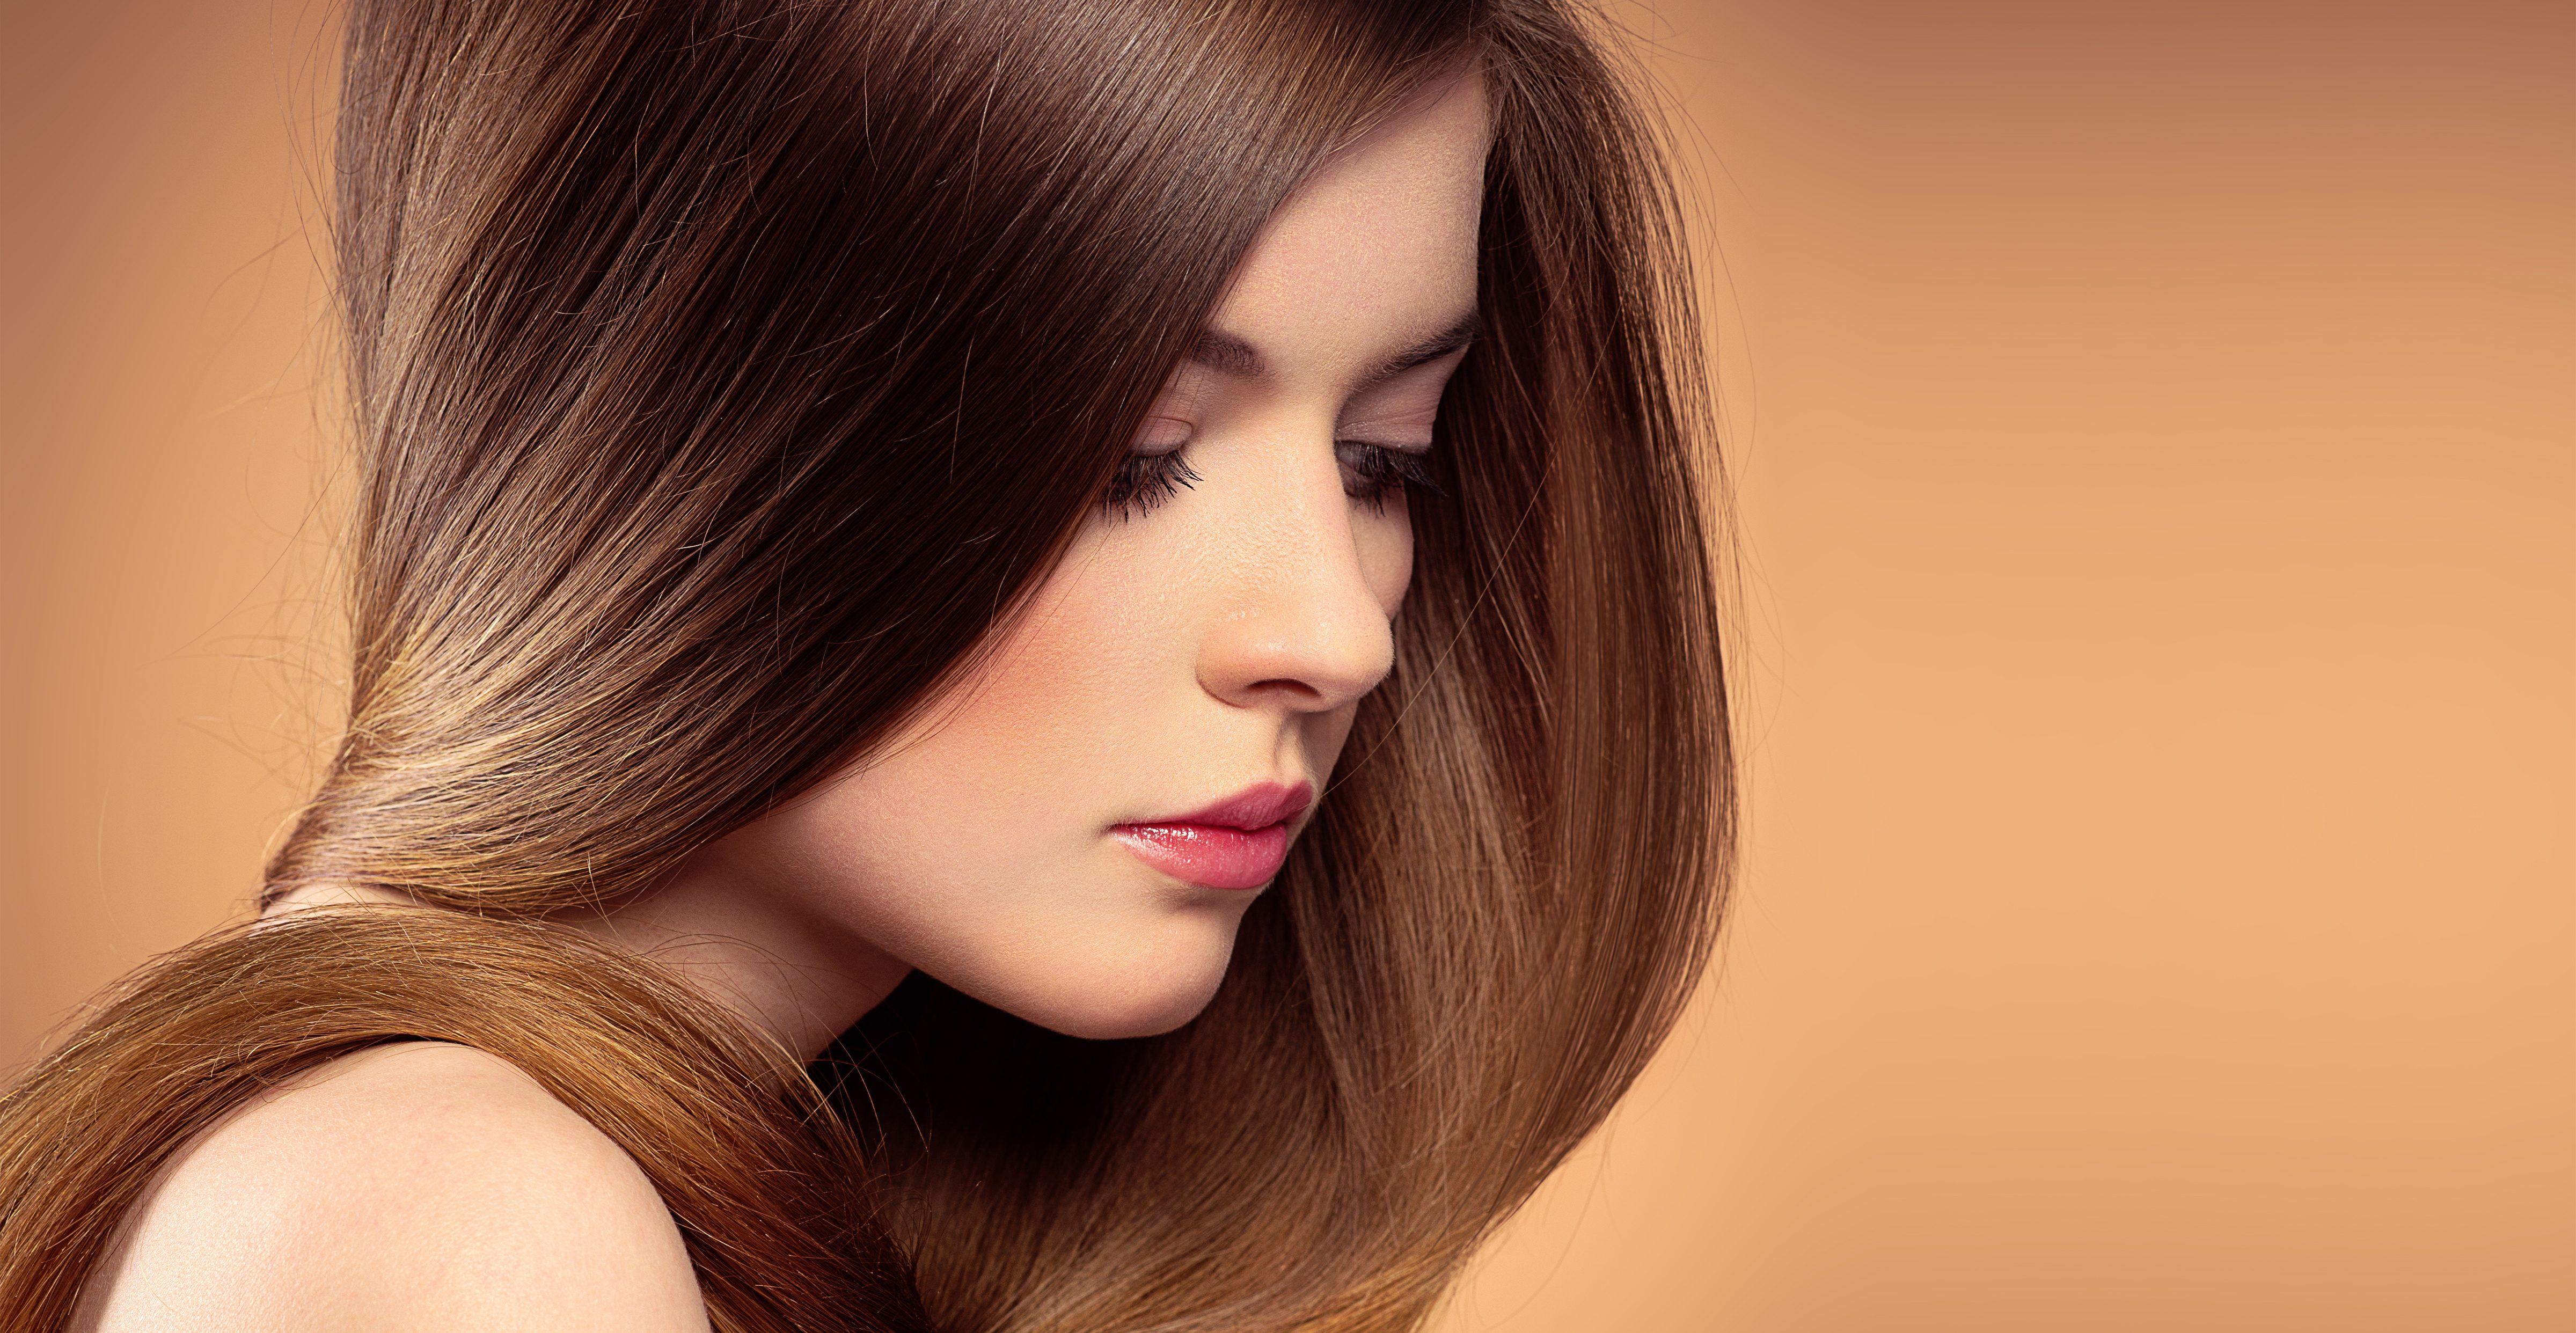 longos cabelos castanhos